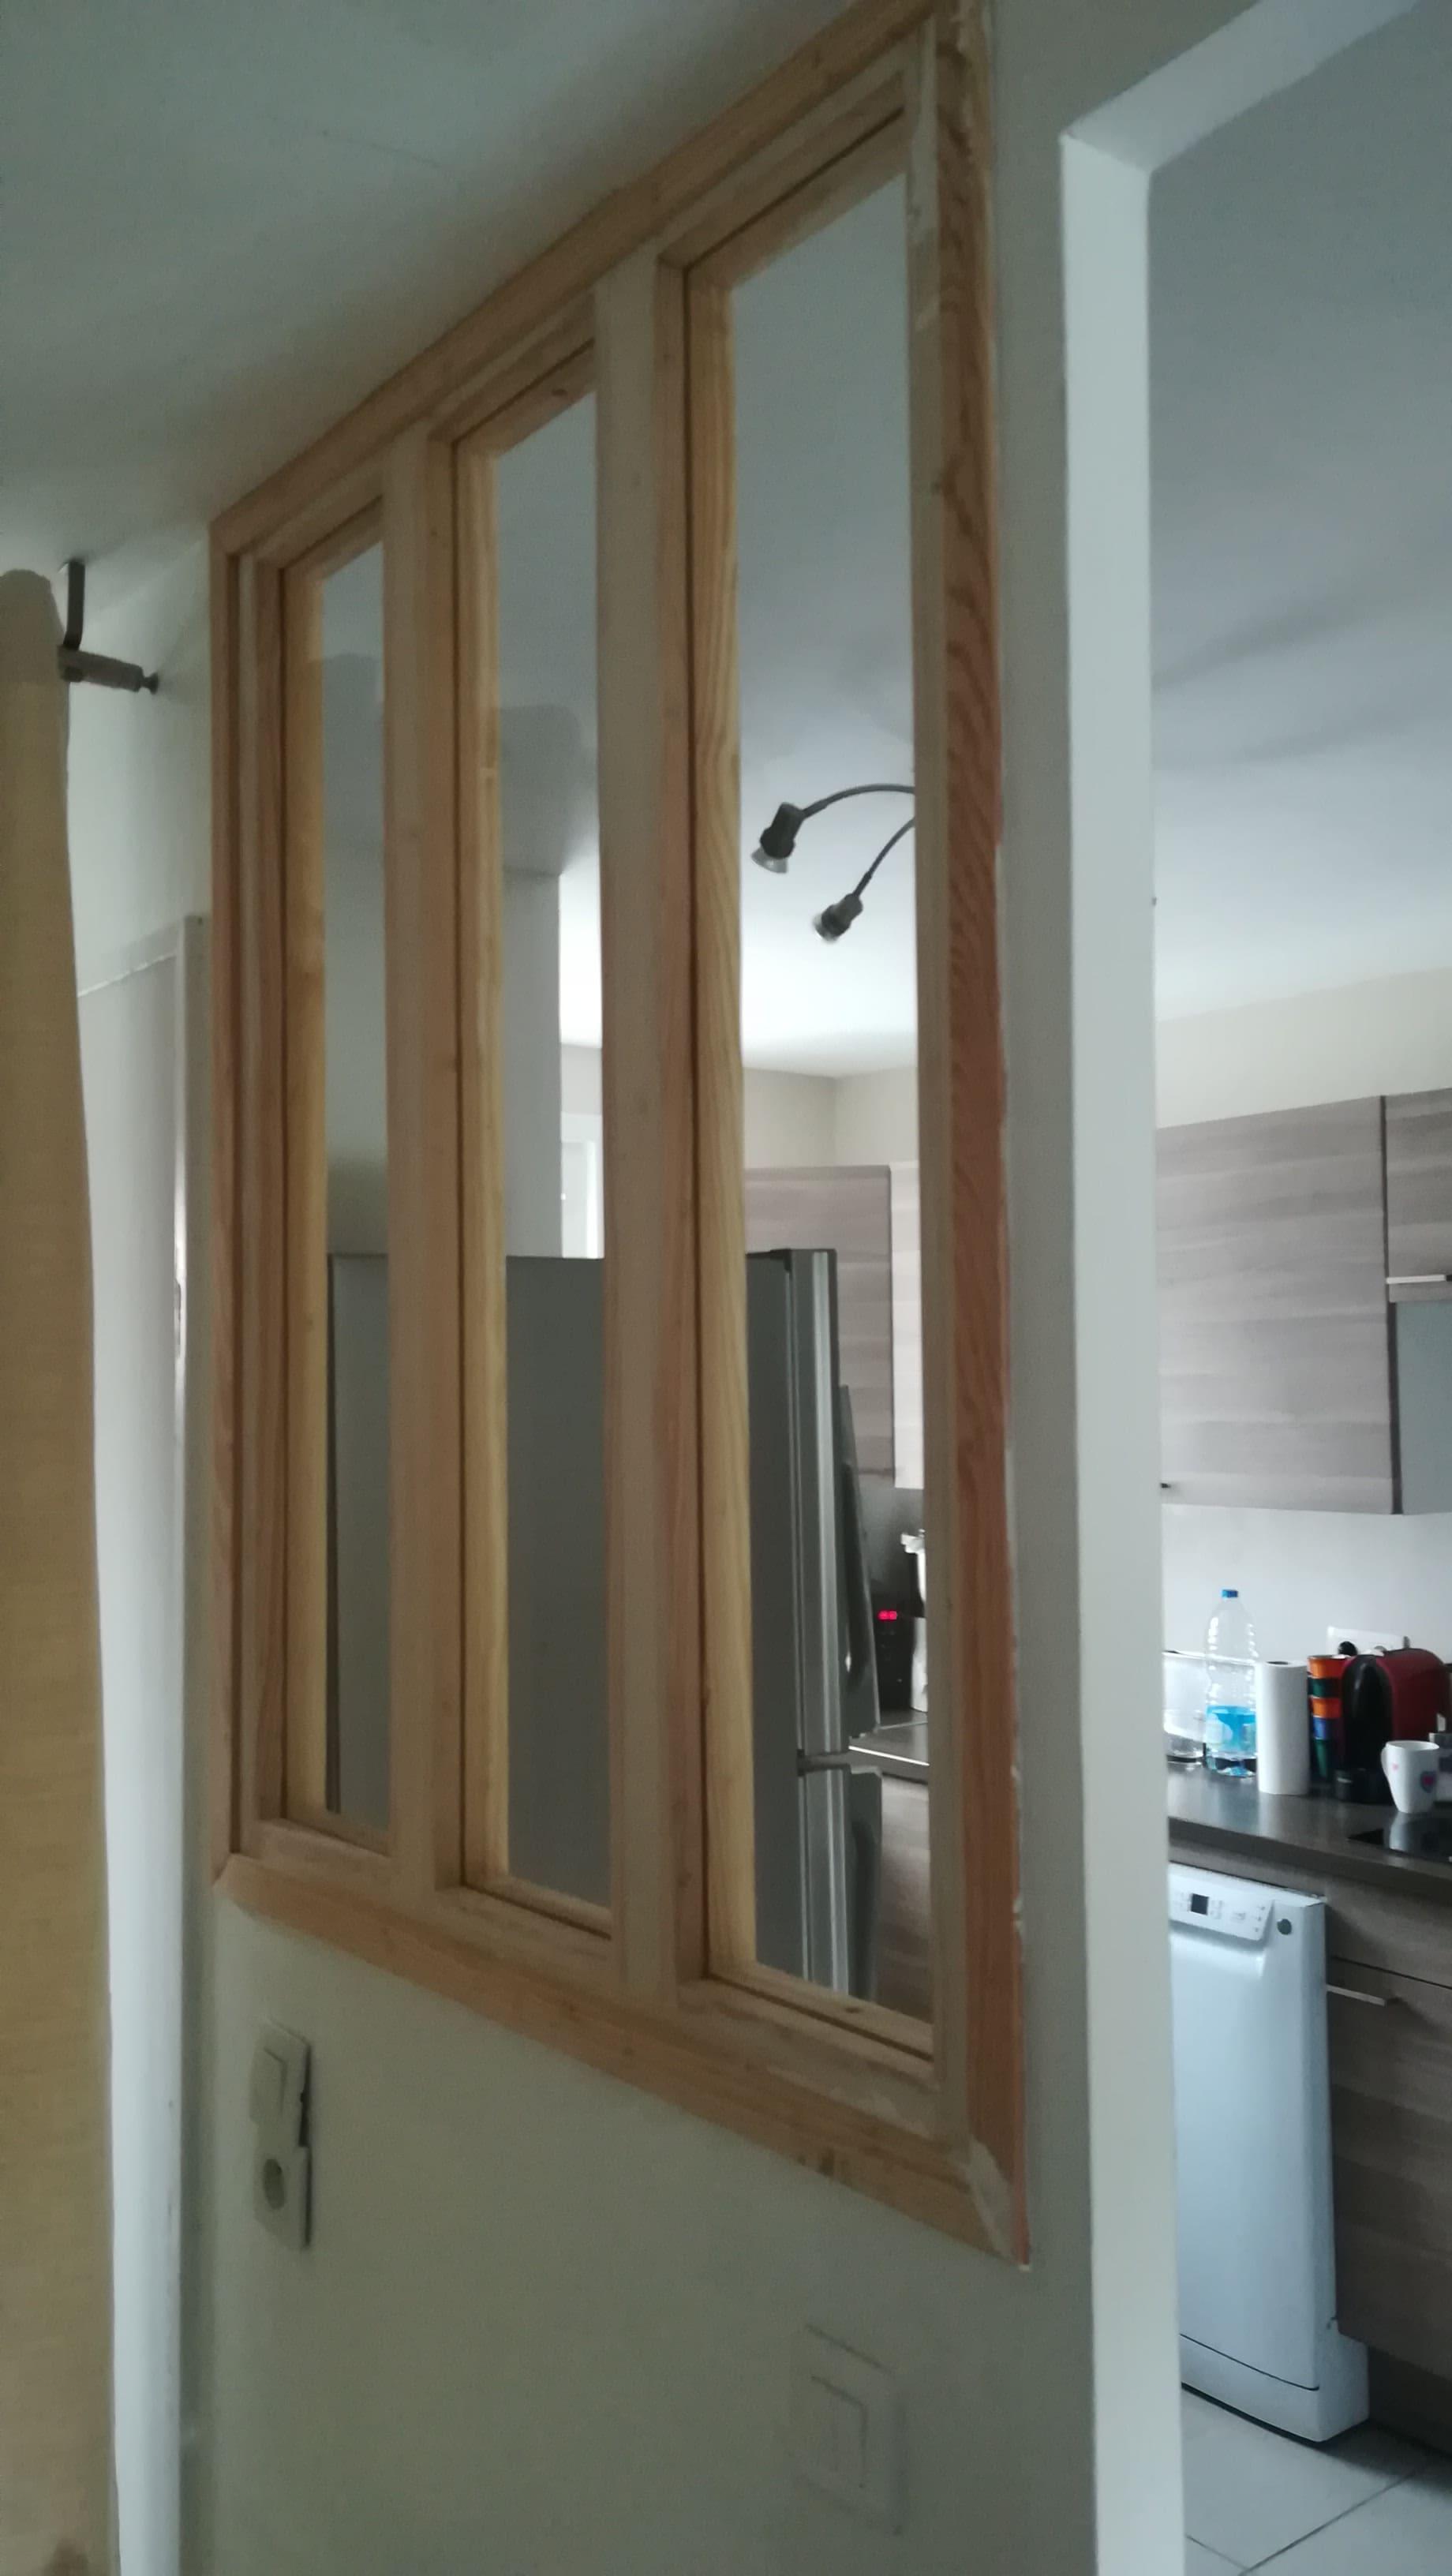 Création d'une verrière d'intérieur – Lille Nord-Ouest (59)